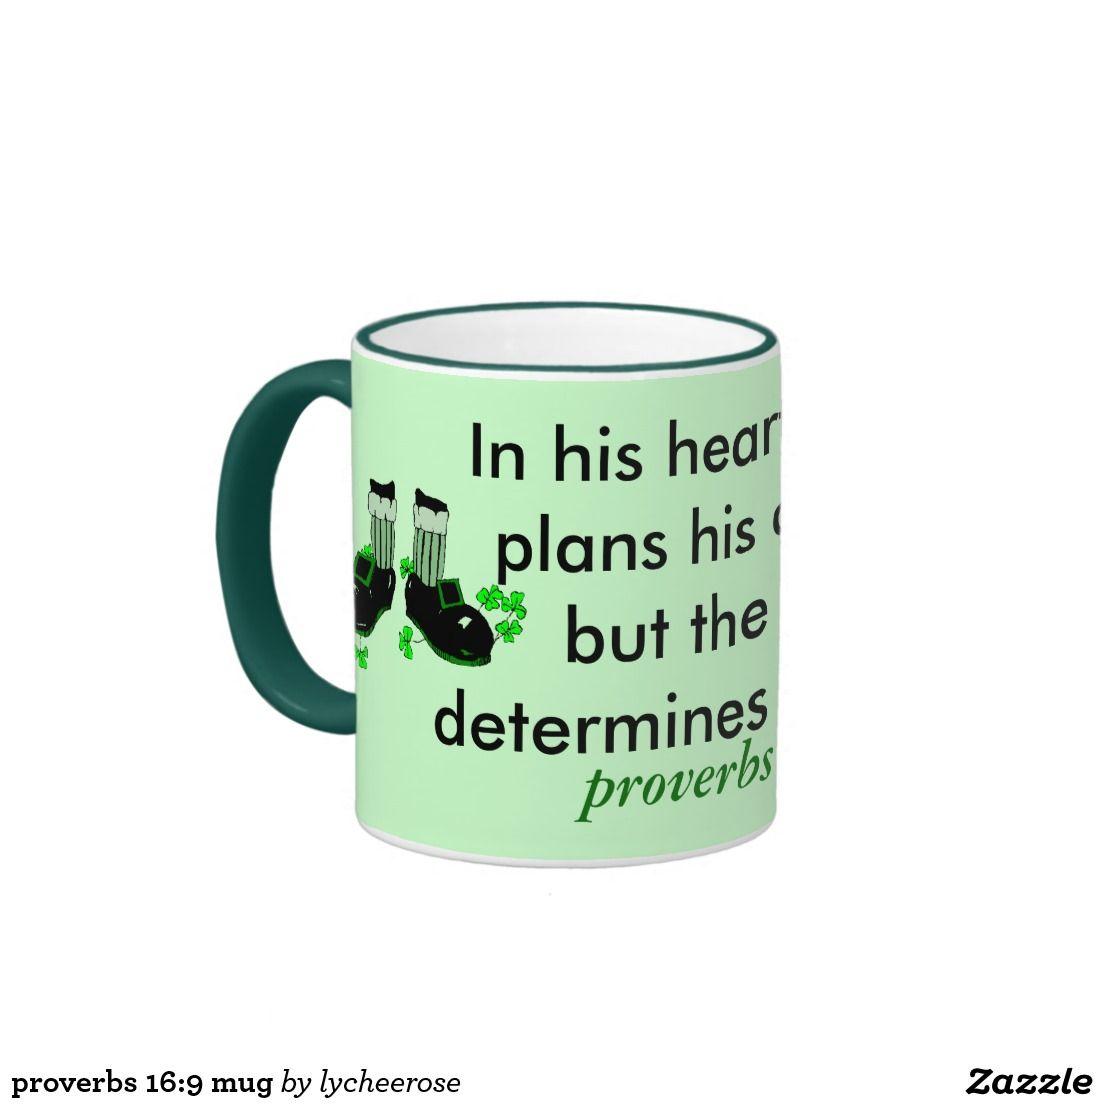 proverbs 16:9 mug